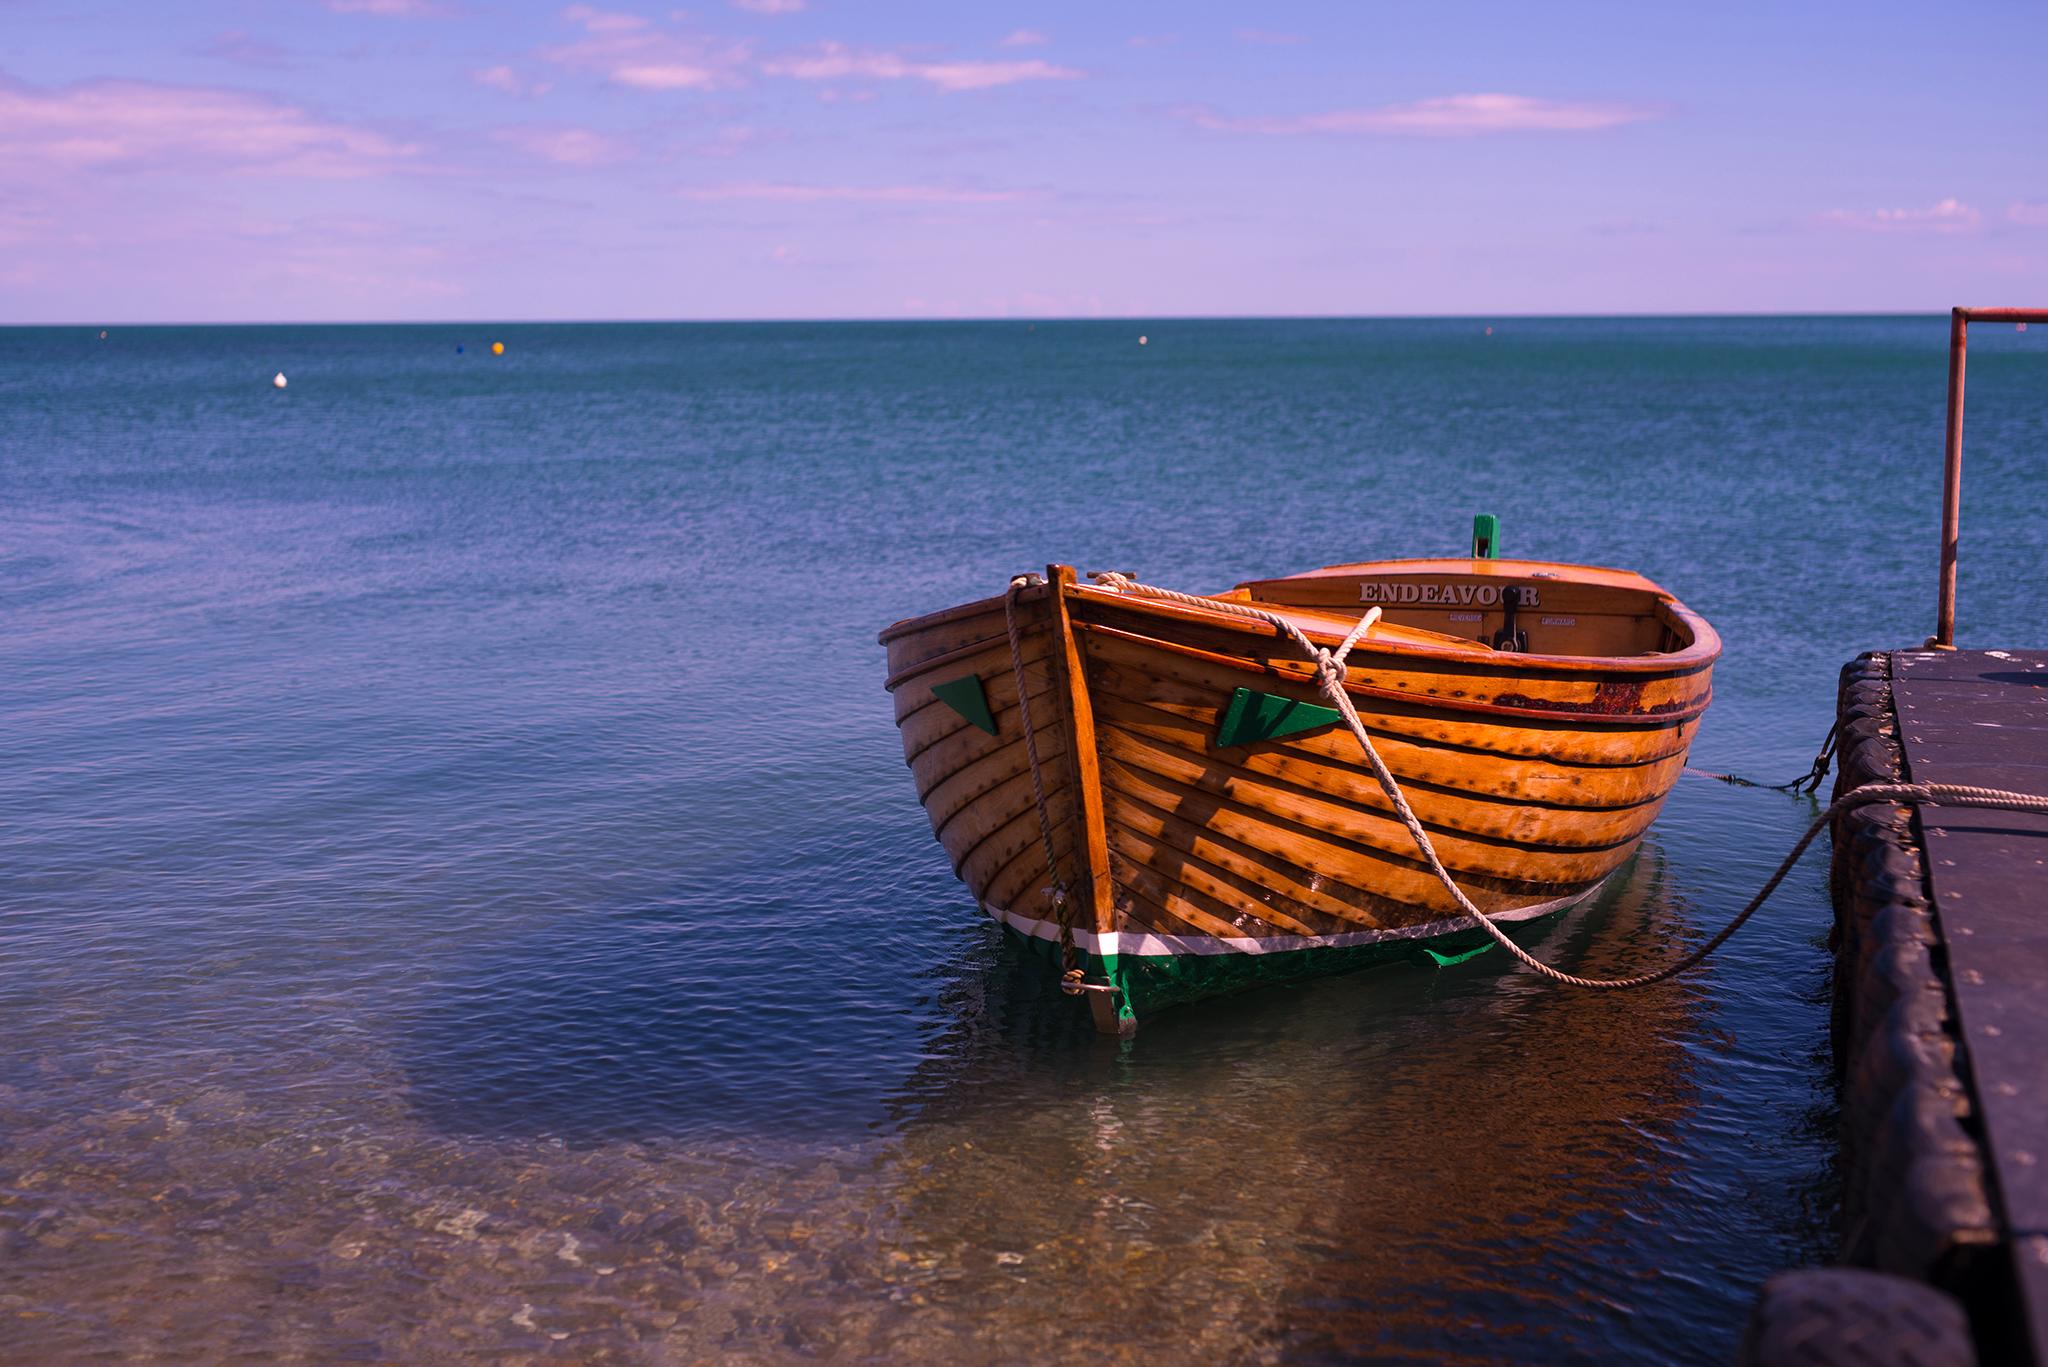 Wooden Boat - Endeavor in Beer Devon - Cottrell & Co. - CC1_6008.png